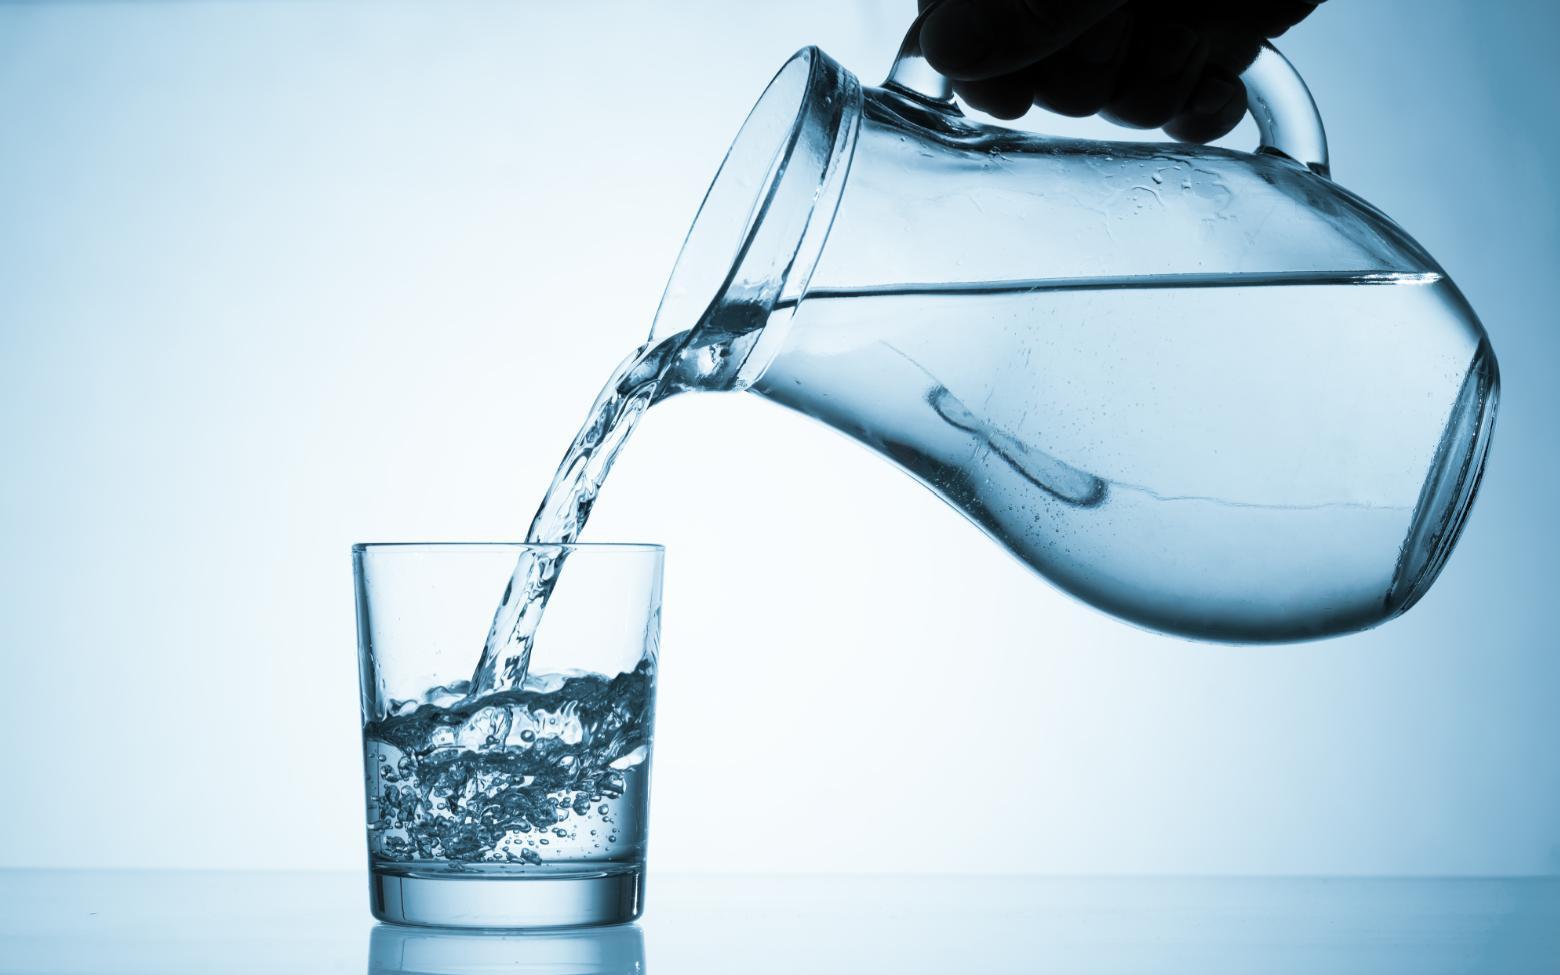 Քննարկվել է սոցիալապես անապահով ընտանիքների կողմից սպառվող խմելու ջրի սակագնի վերանայման հարցը